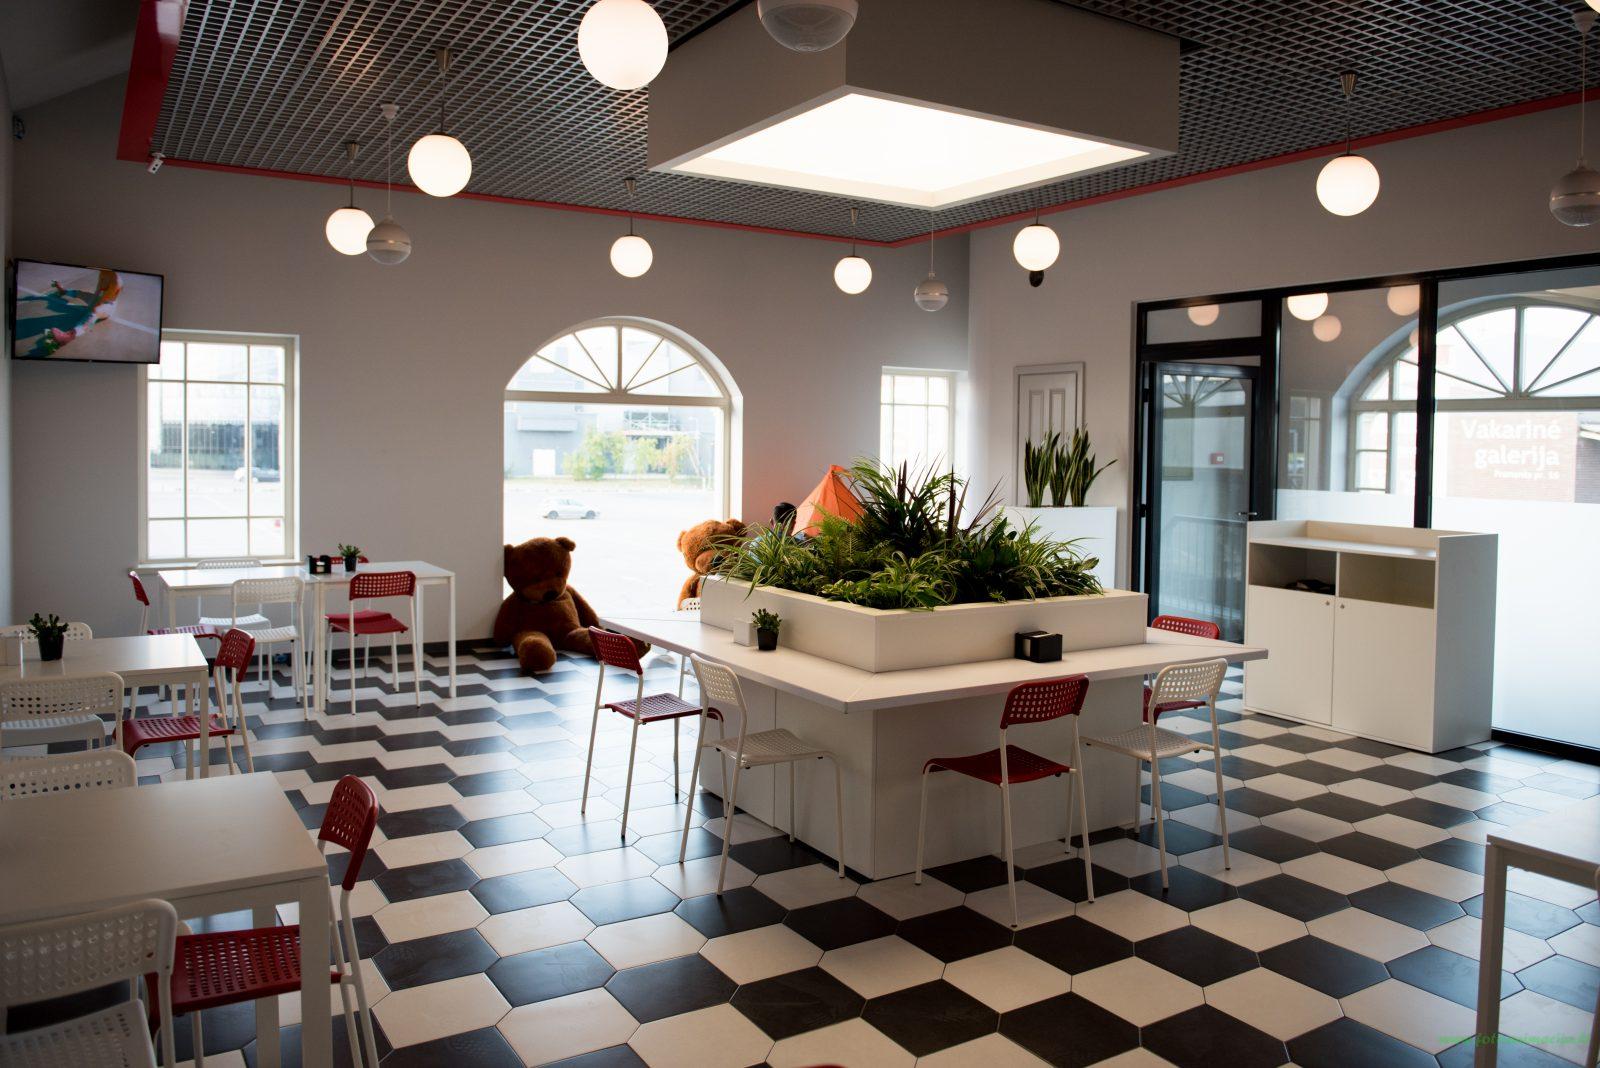 Restoranas Chicken House